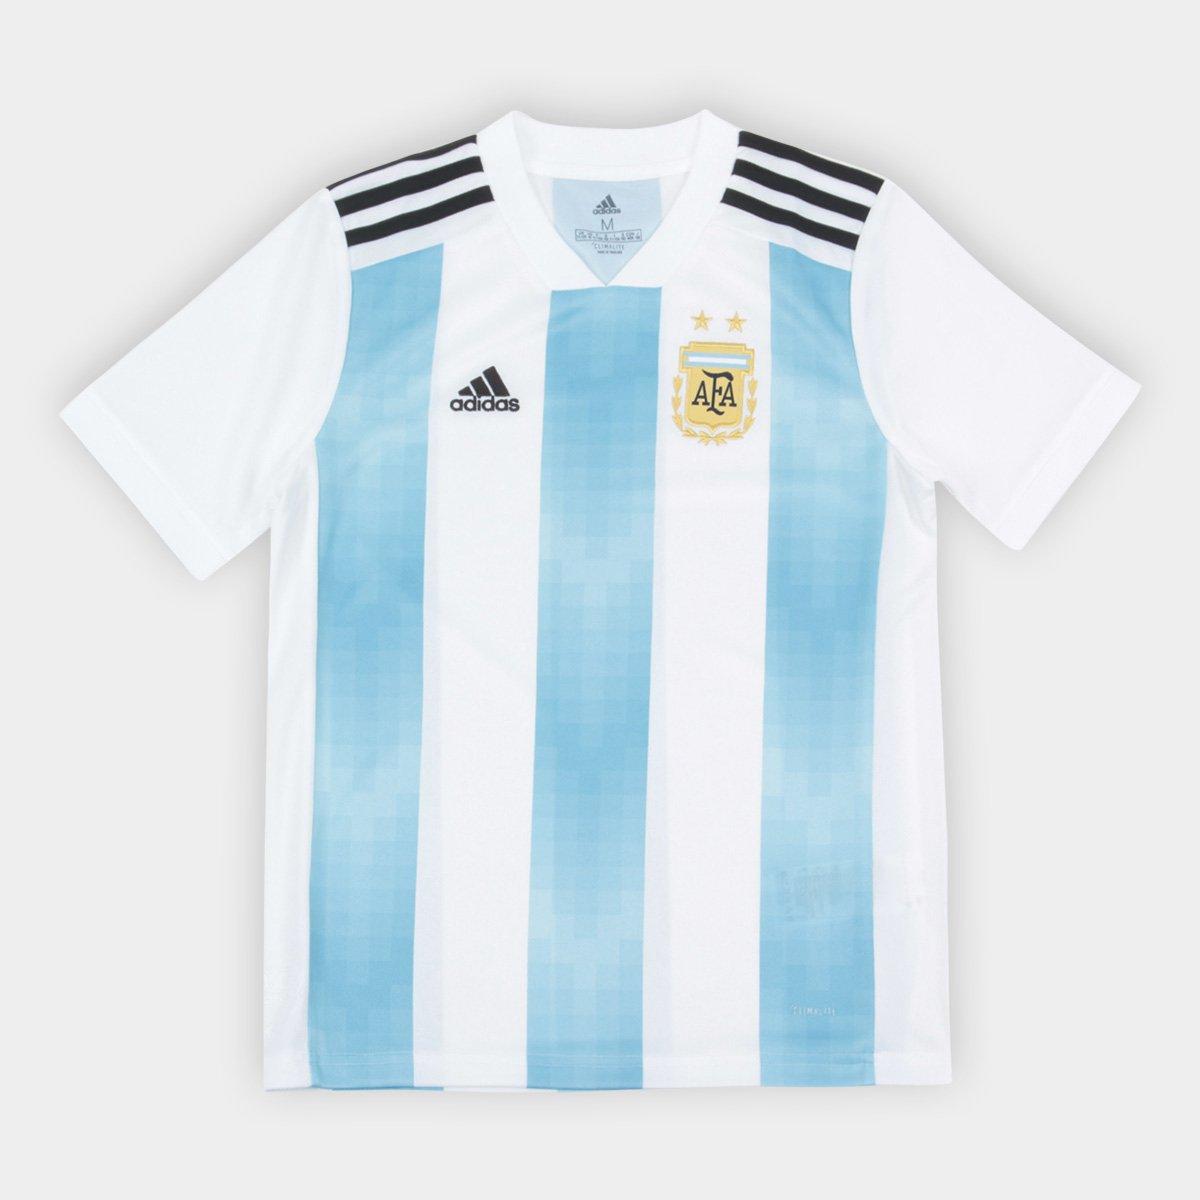 017512b2d Camisa Infantil Seleção Argentina Home 2018 s n° Torcedor Adidas - Compre  Agora